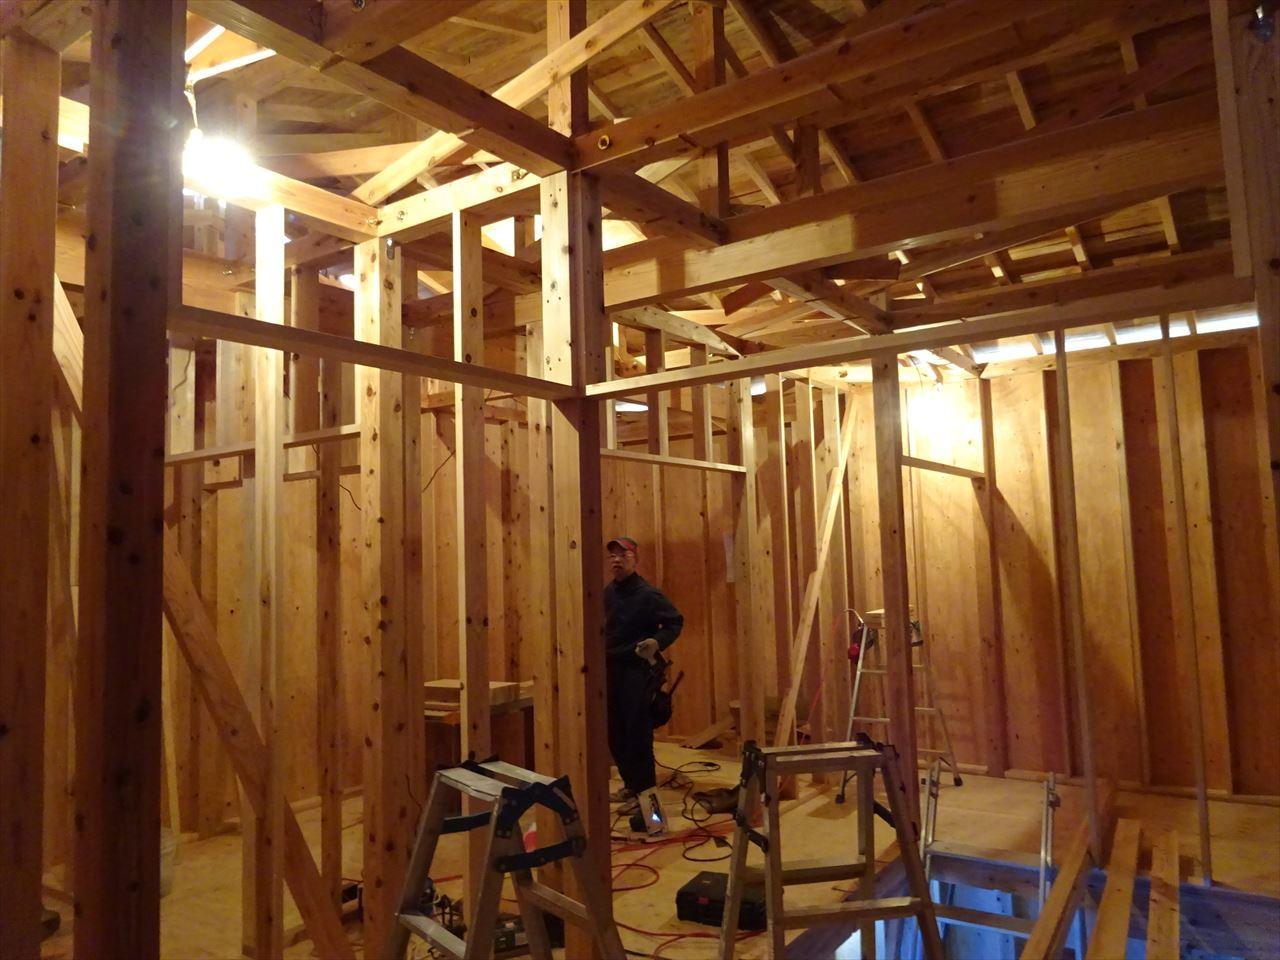 下太田 古材新築の家 建て方作業進行中です。_f0105112_04213583.jpg